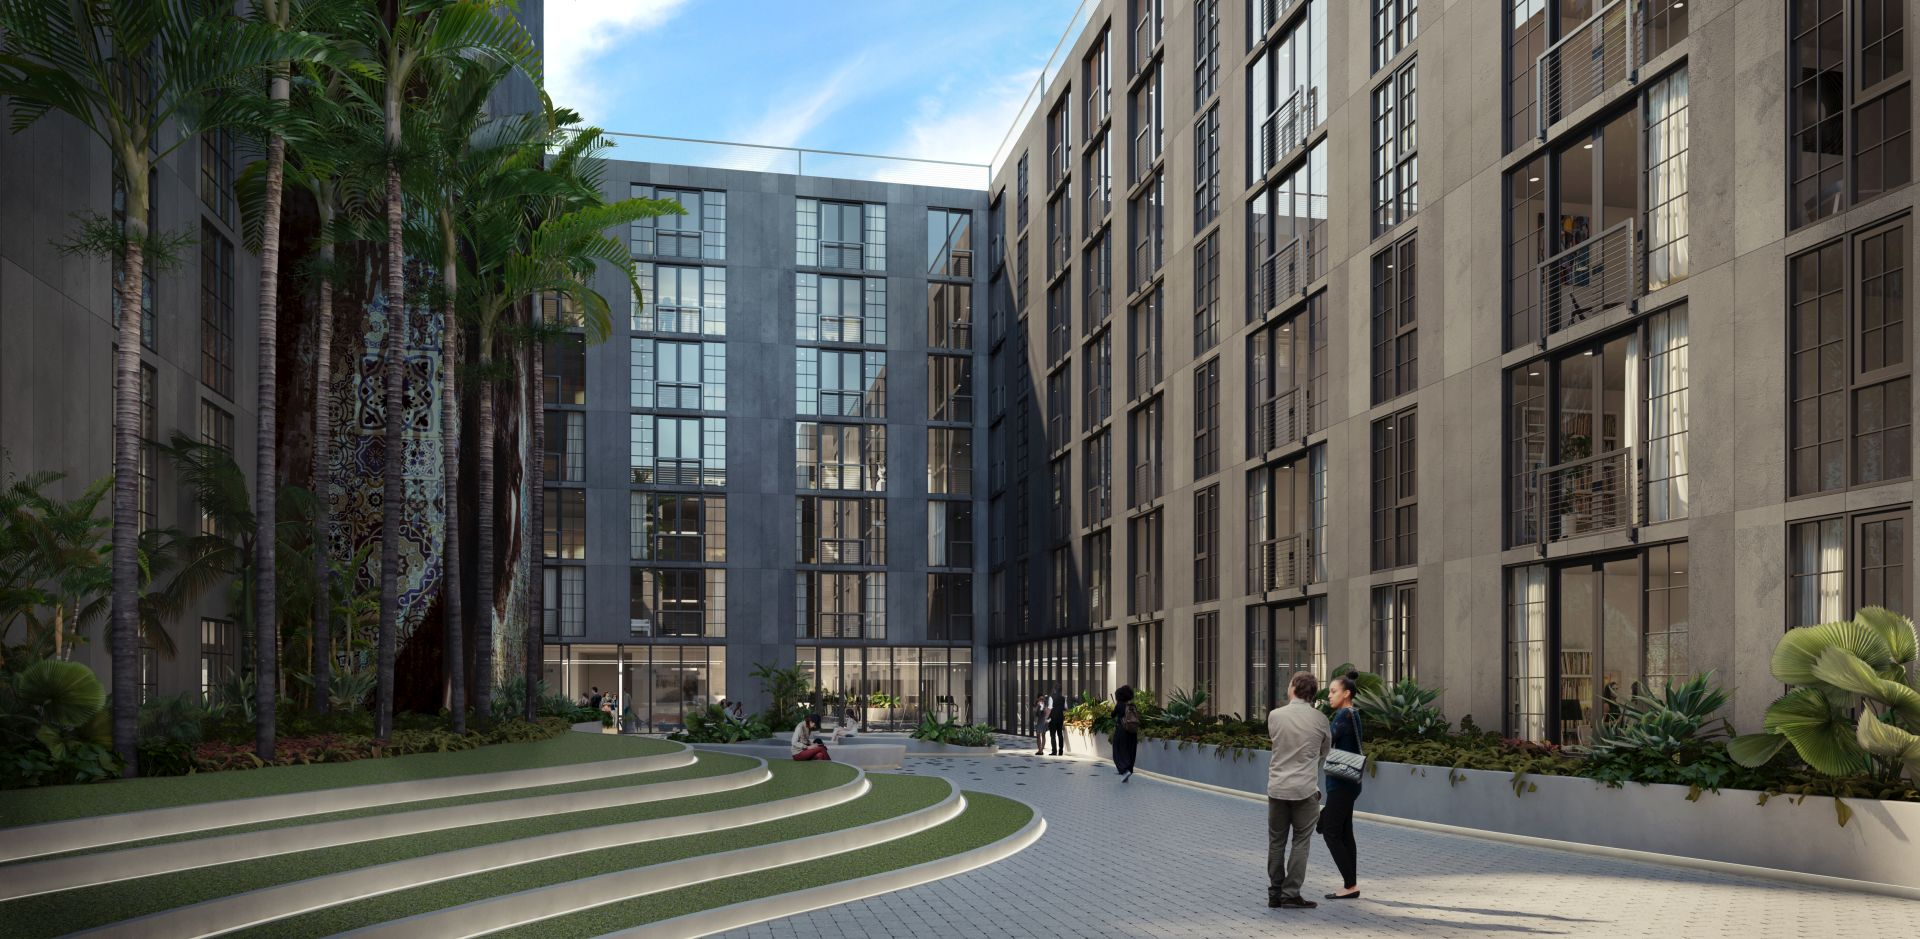 Wynwood 25 courtyard